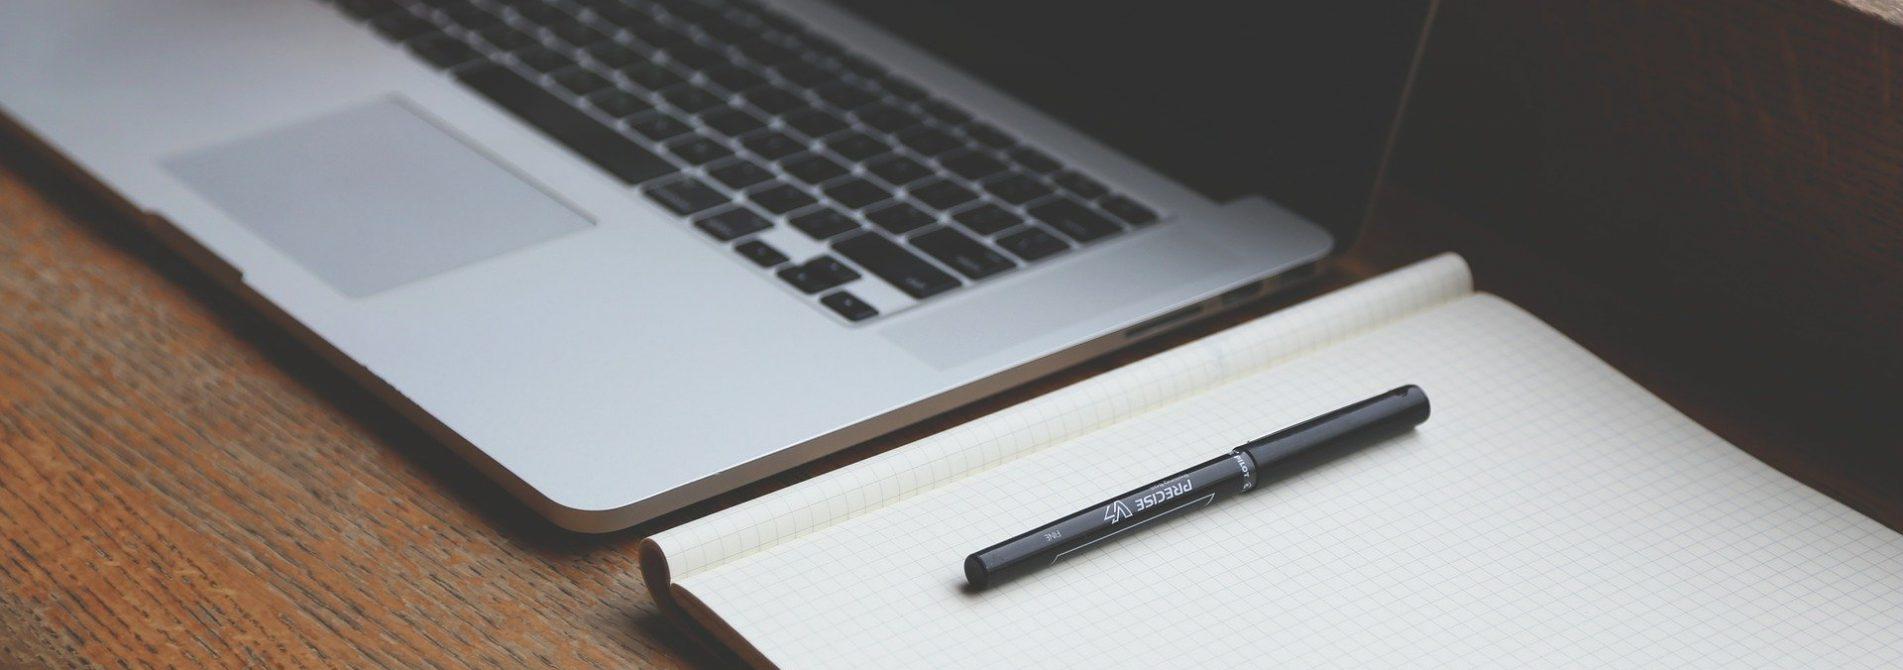 Computador e caderno de trabalho